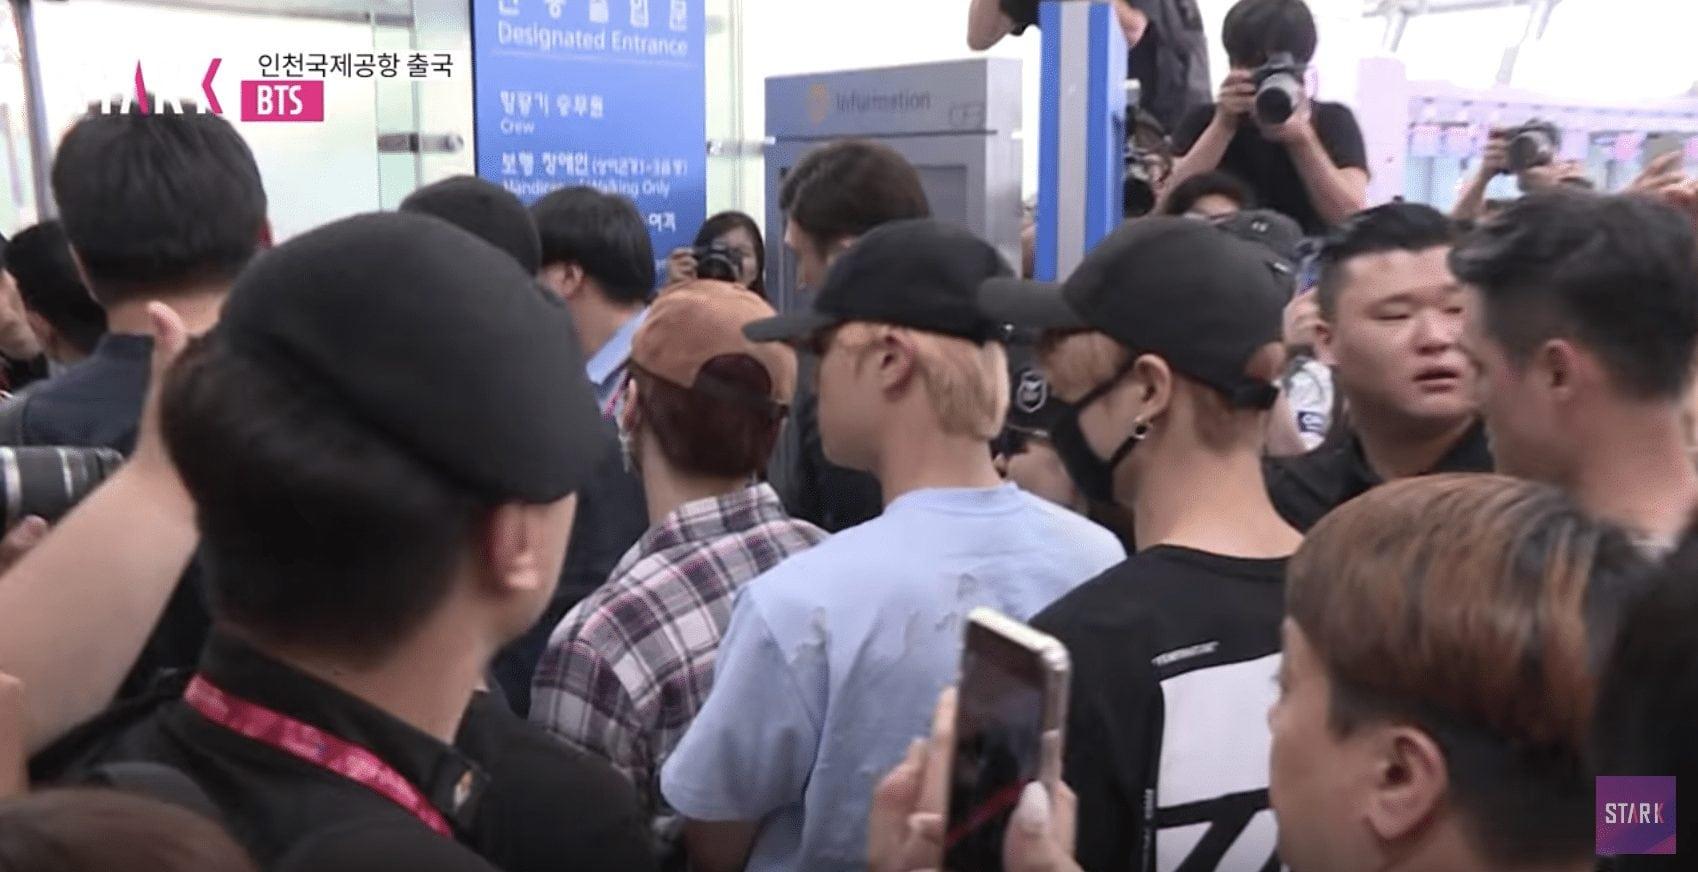 BTS airport